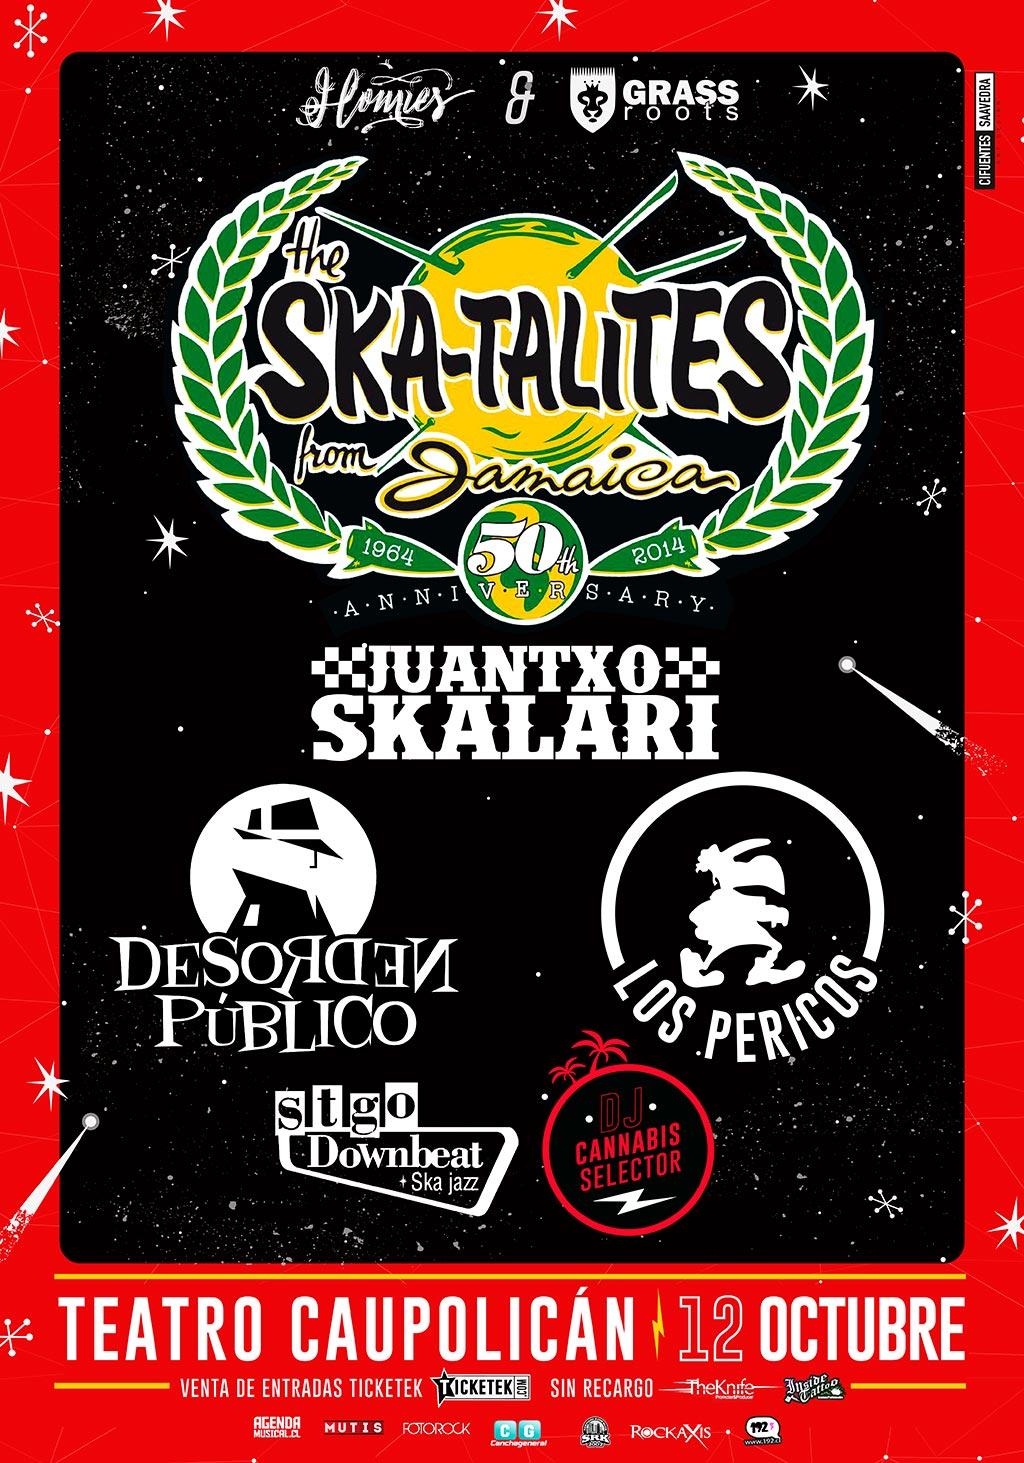 50 años The Skatalites: se suman los Pericos y se traslada al Teatro Caupolicán por lleno total de M100